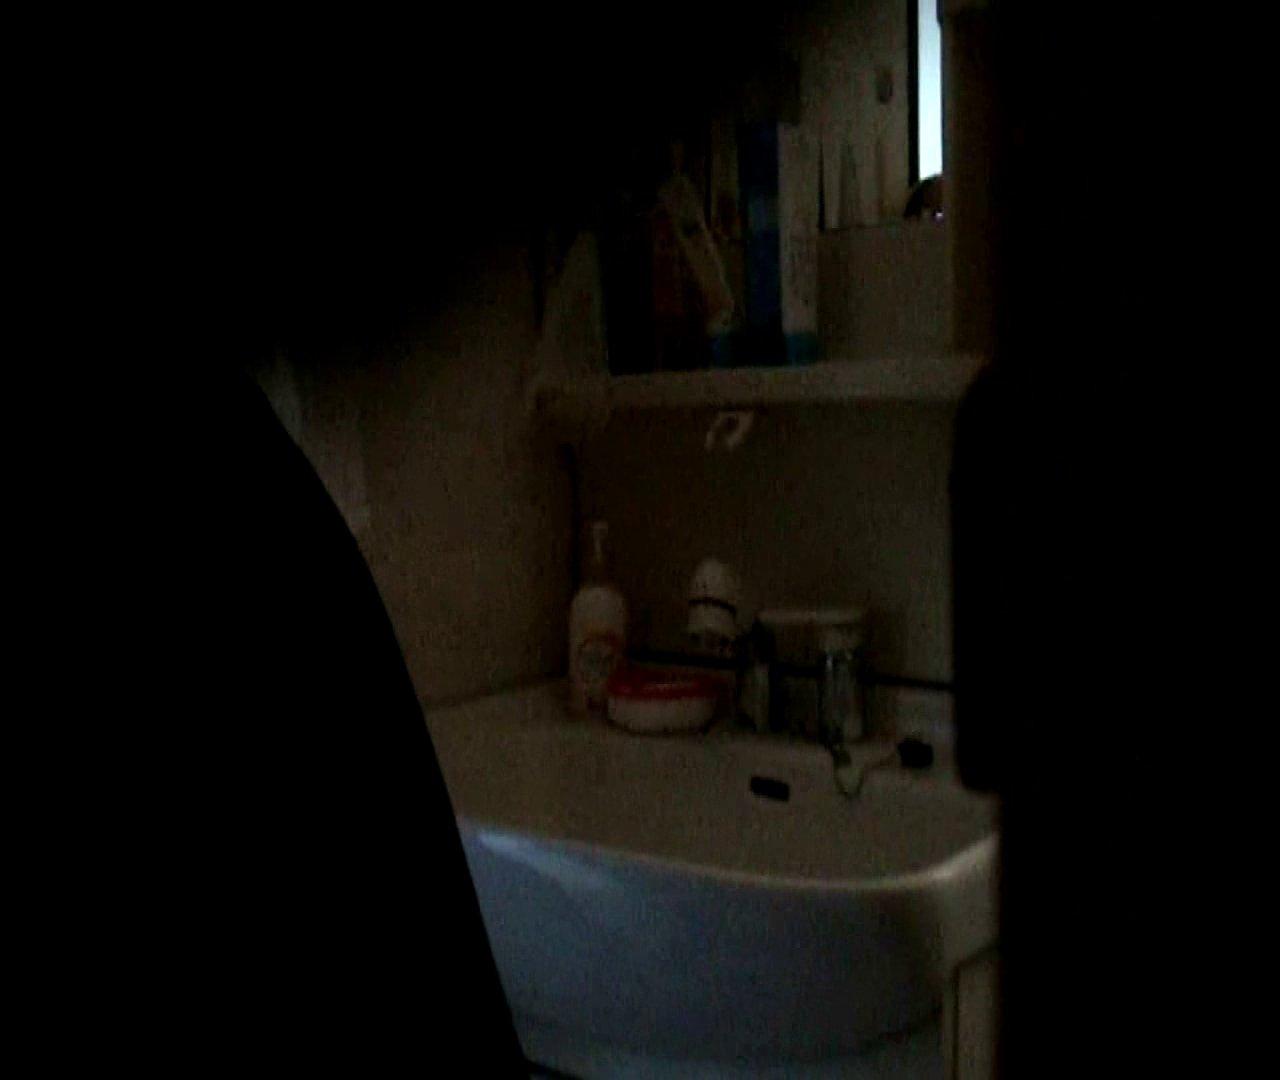 二人とも育てた甲斐がありました… vol.05 まどかが洗顔後にブラを洗濯 HなOL | 0  98pic 15